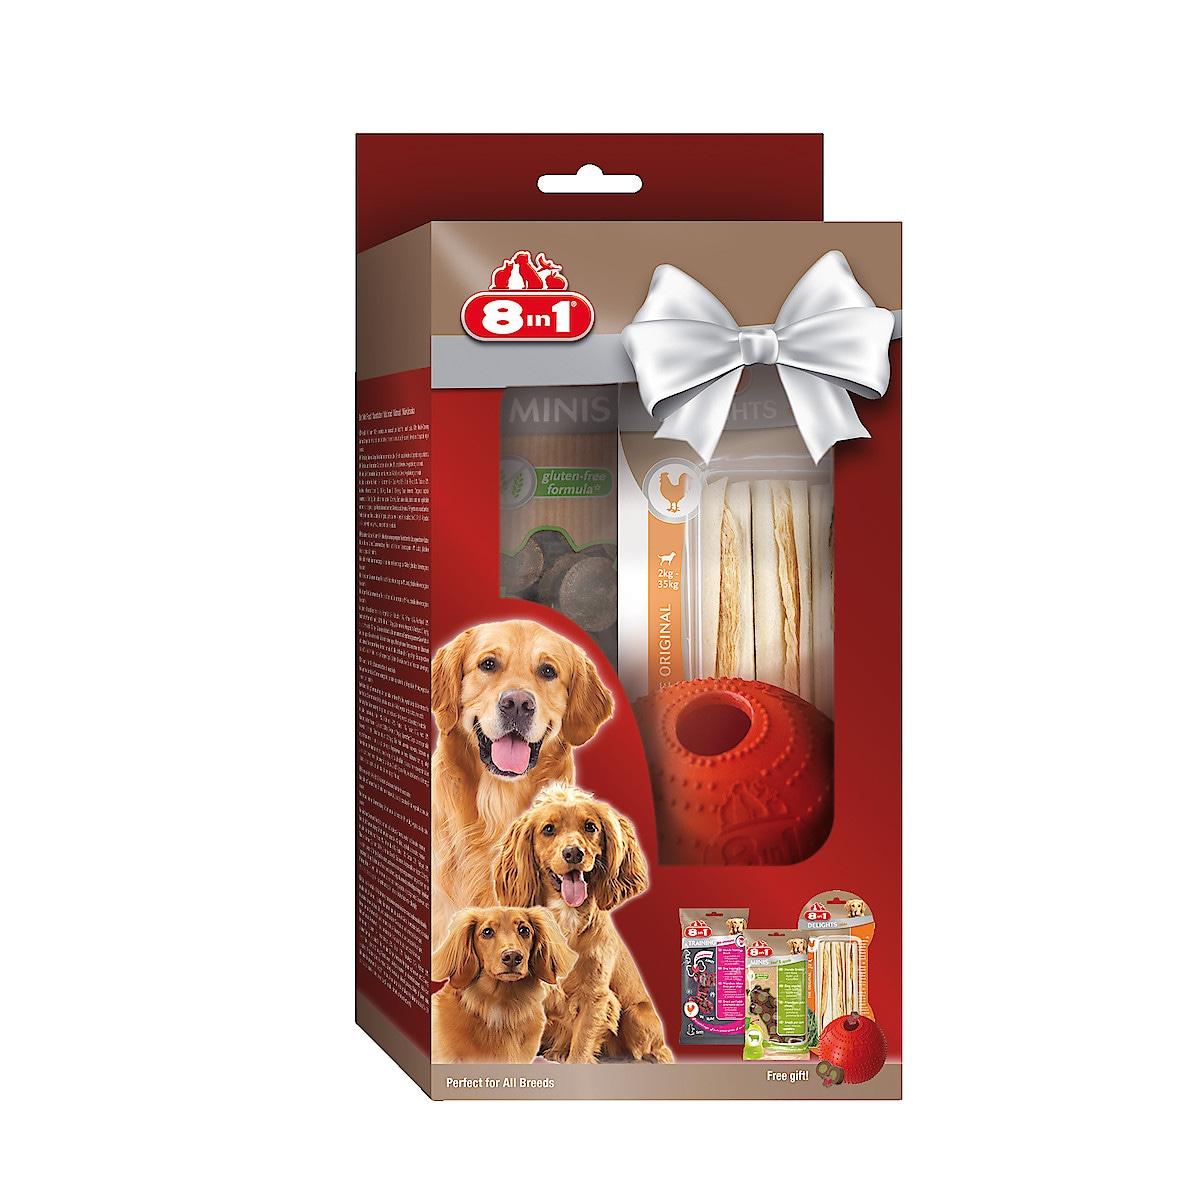 Presentset till hund, 8in1